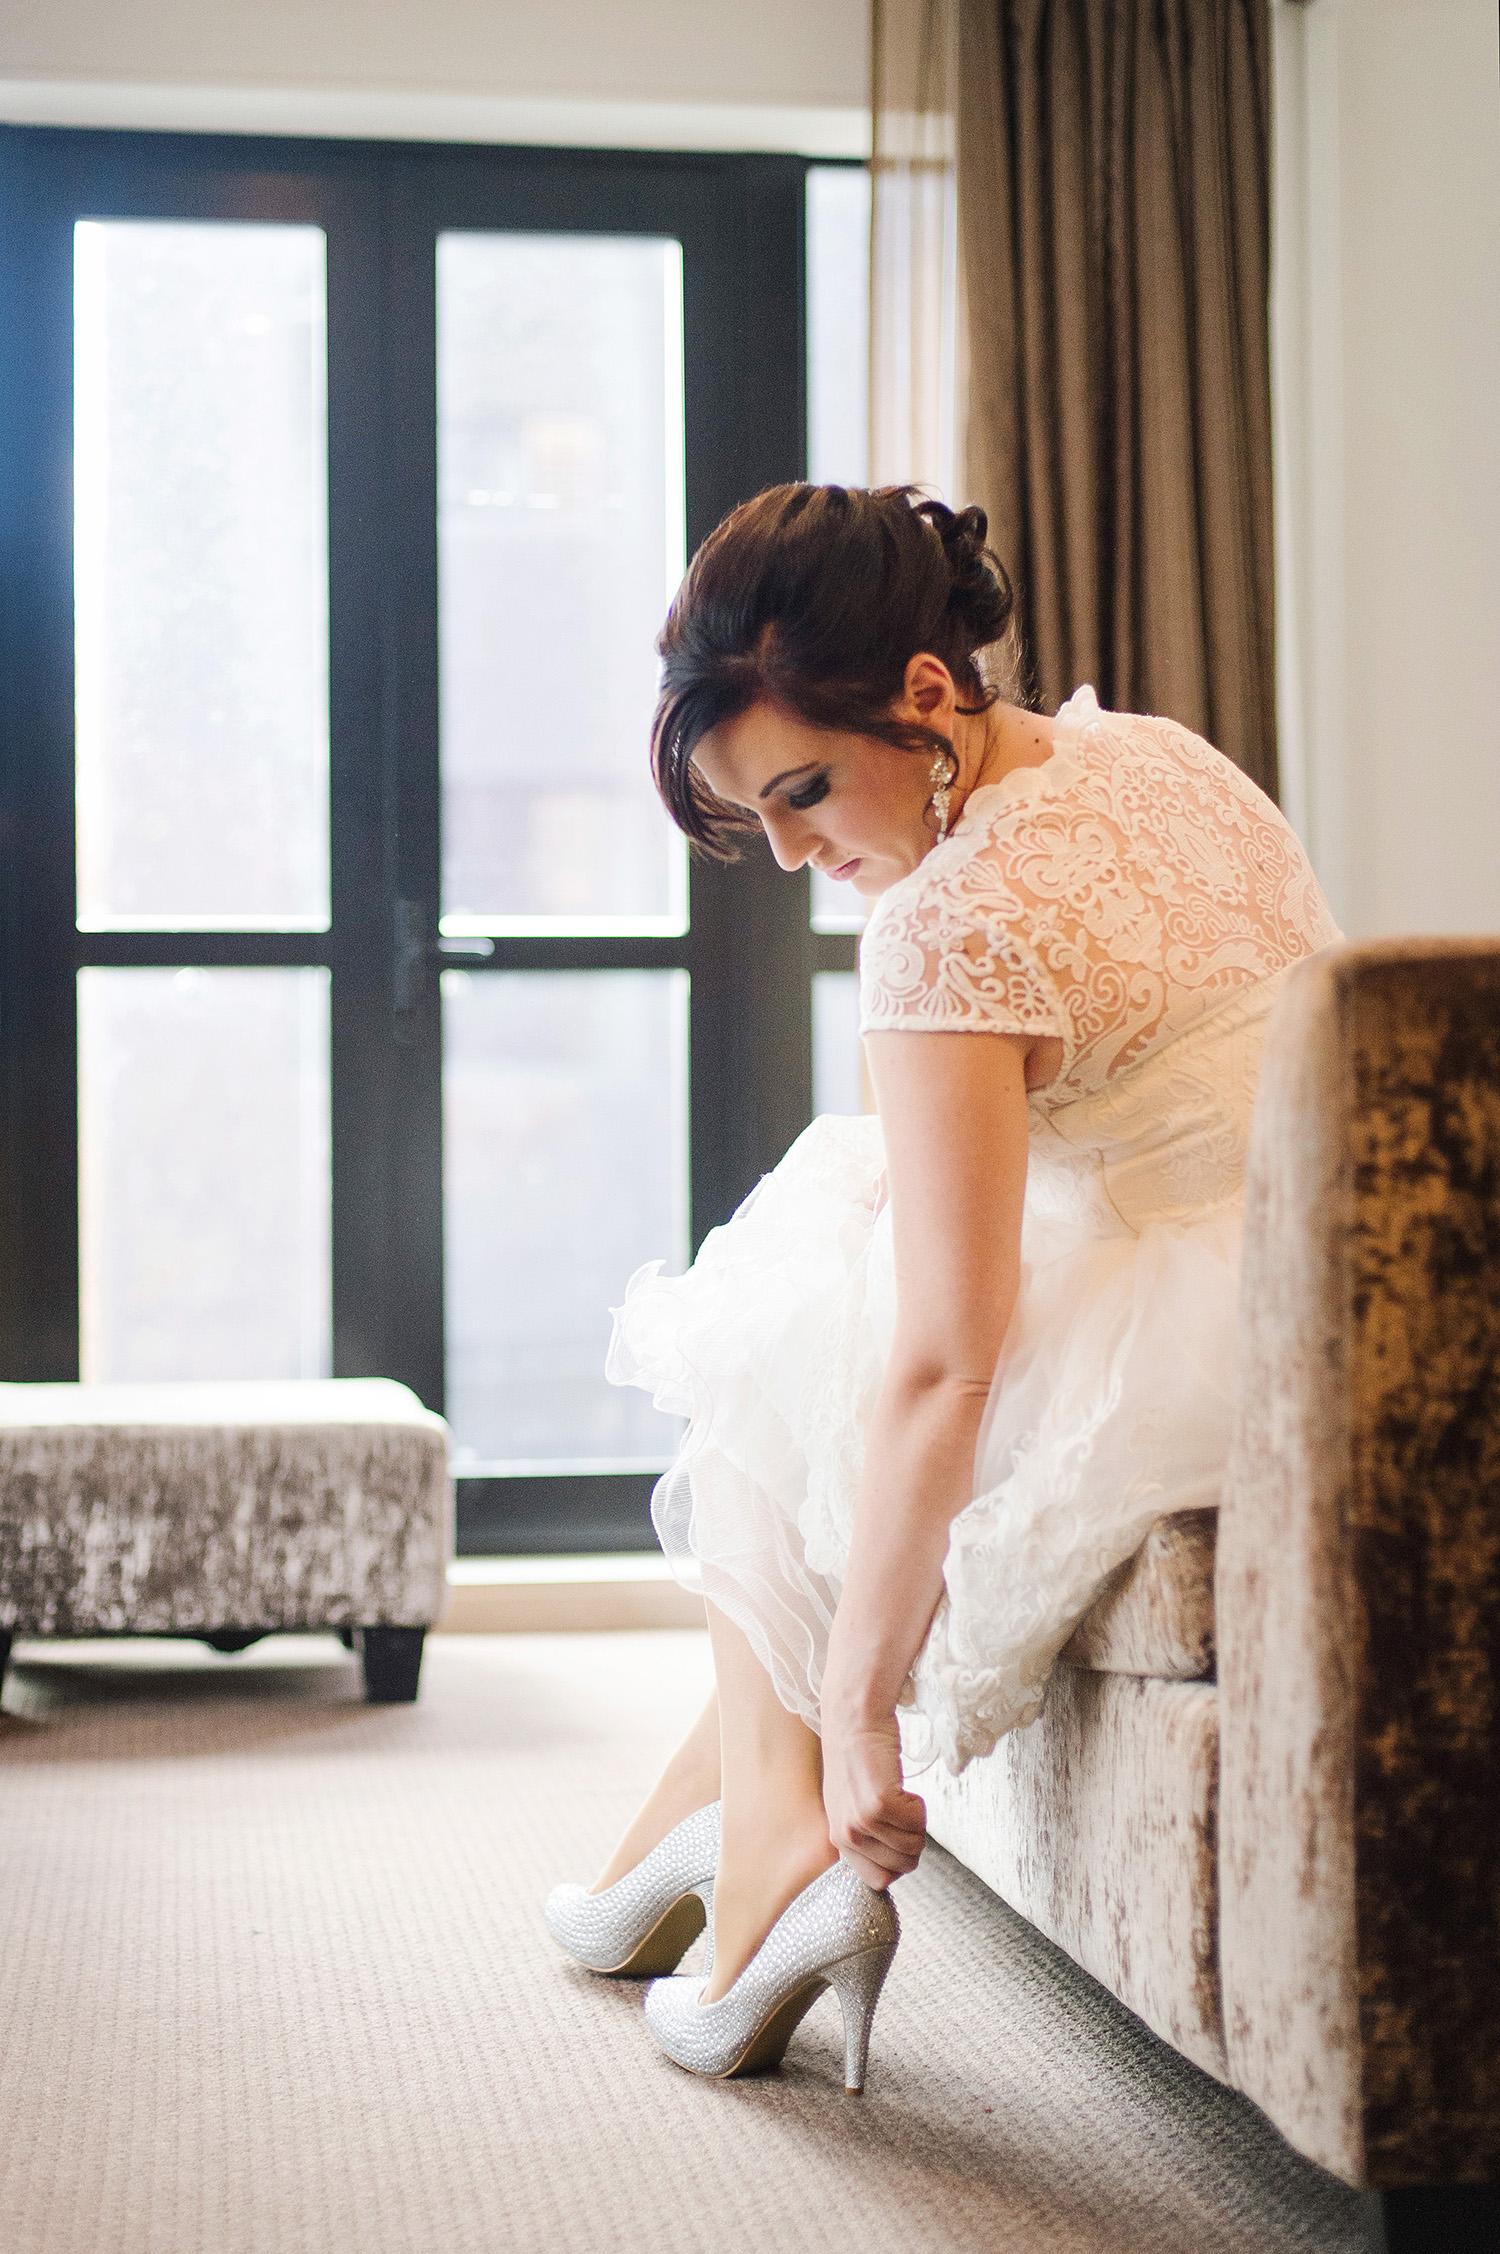 Toni-Larsen-Laura+Toni-Wedding-0049.jpg